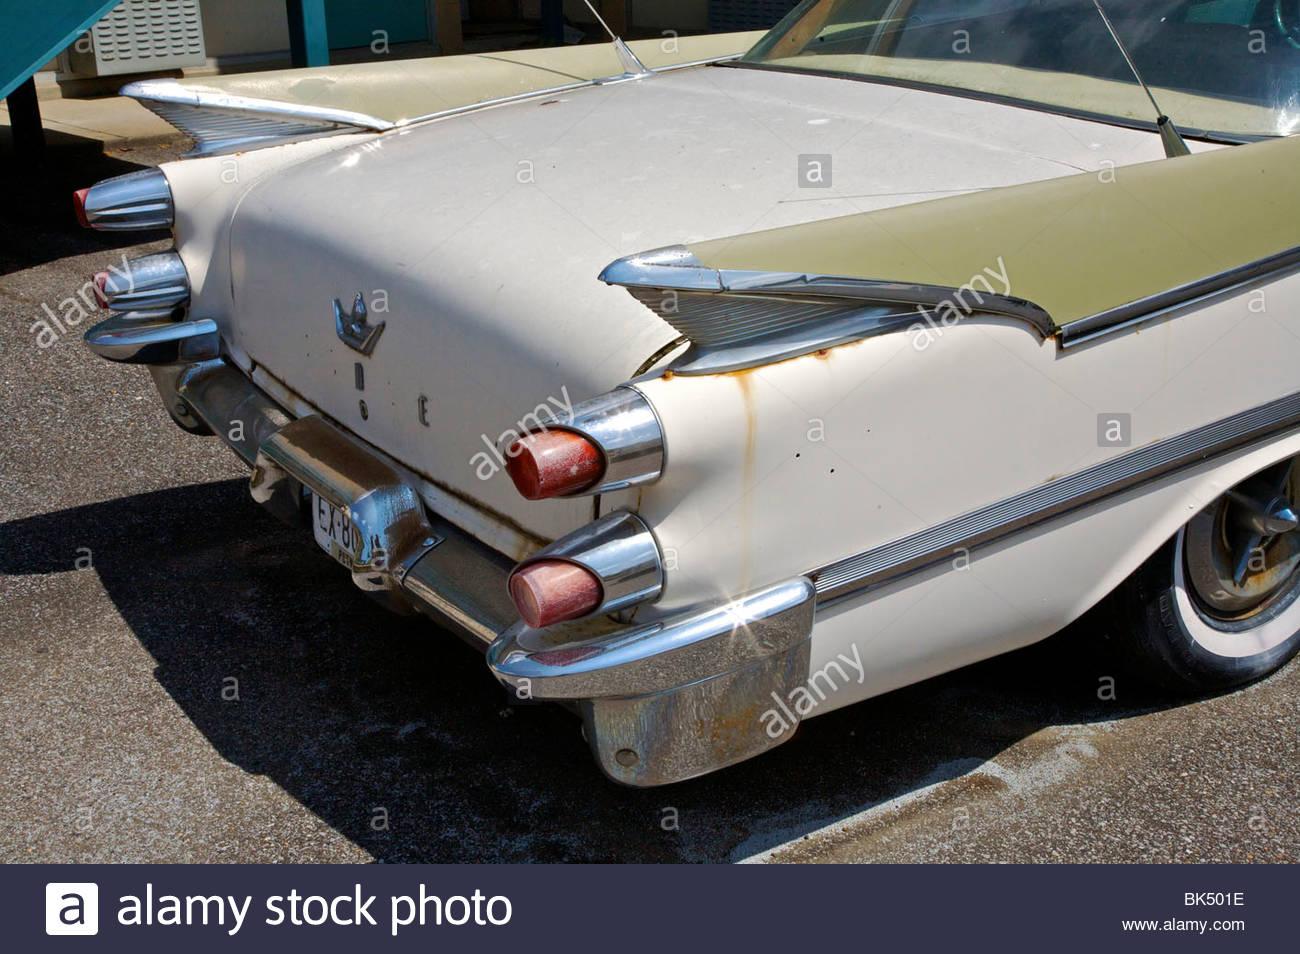 La voiture de martin luther king en face de la national civil rights museum memphis tennessee - Cars la coupe internationale de martin ...